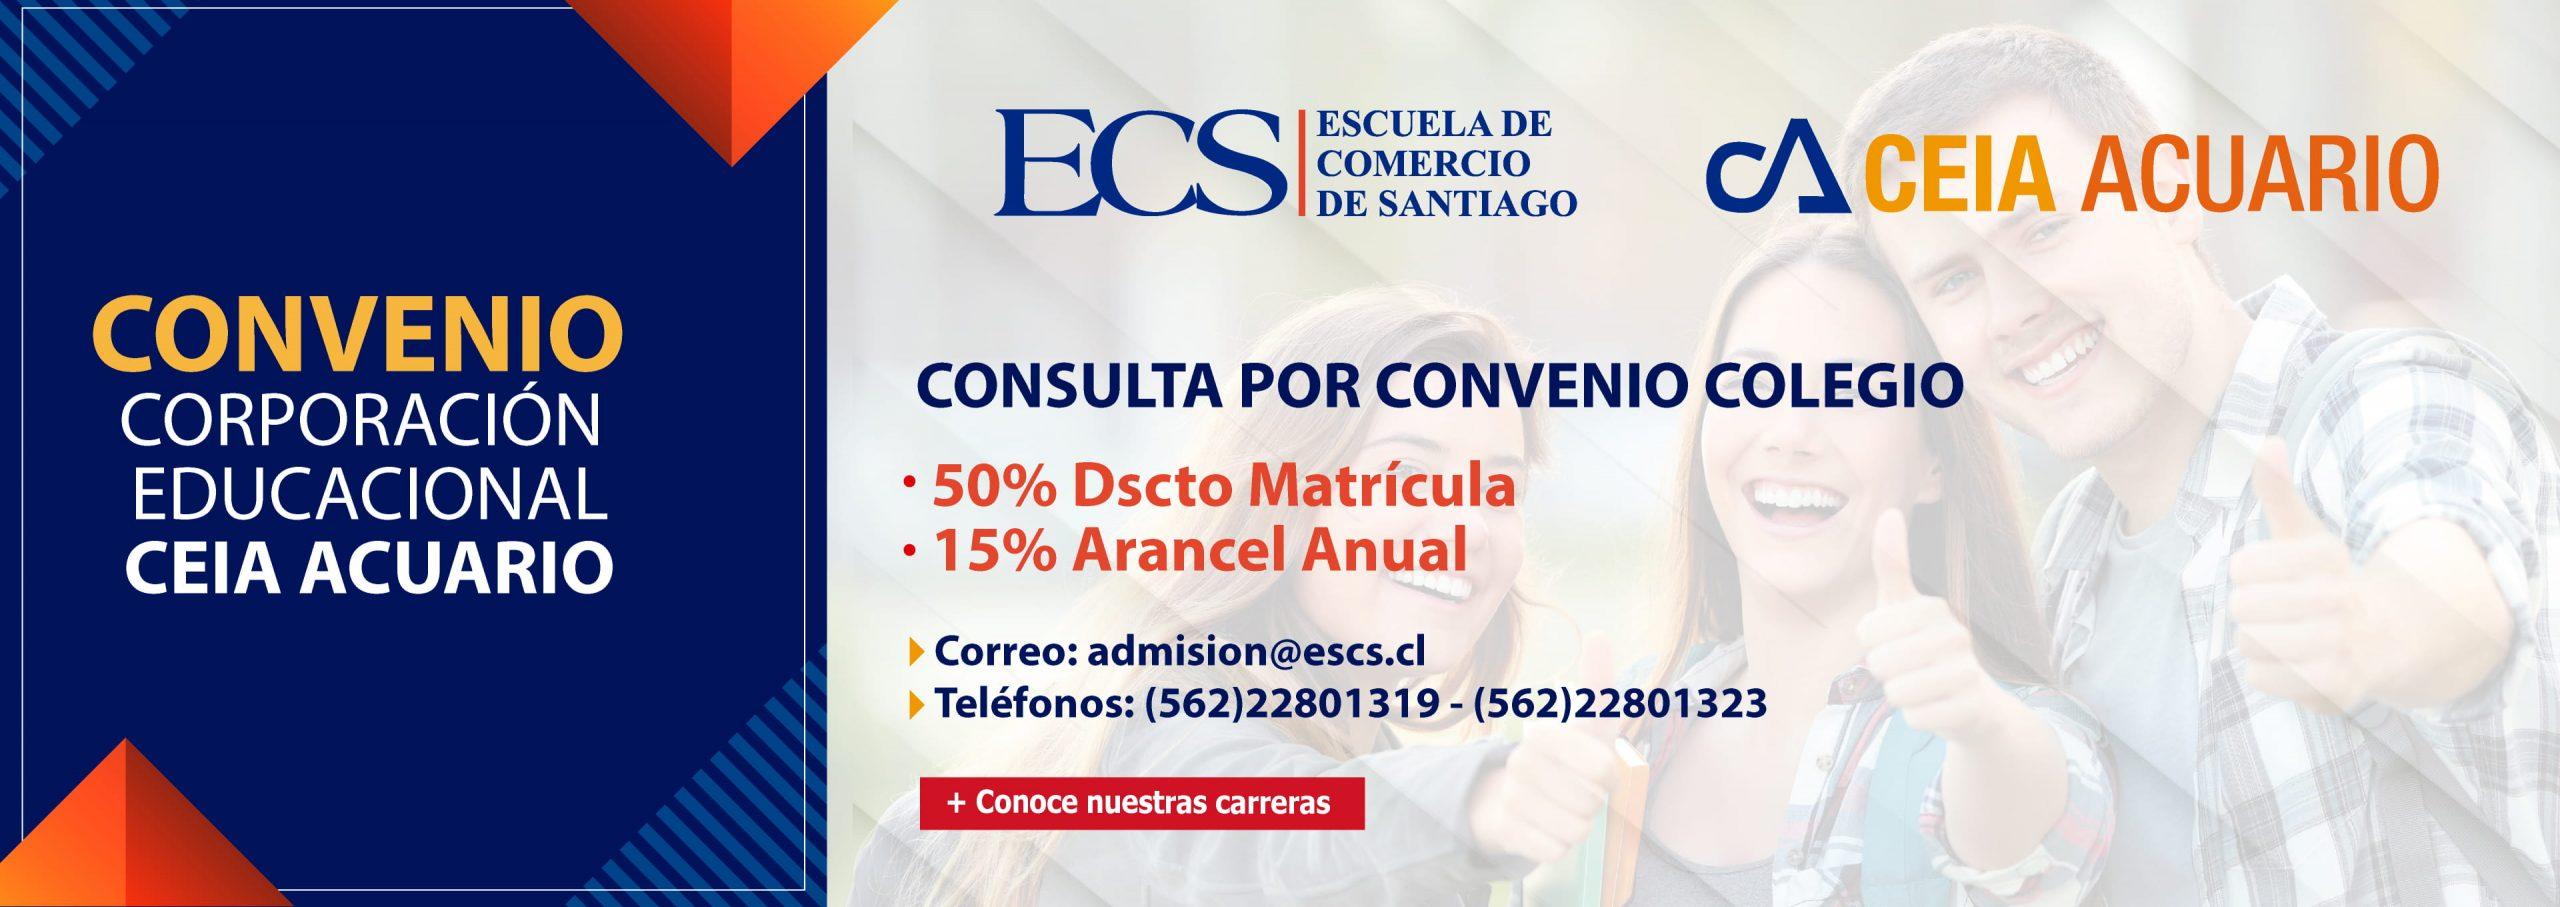 Escuela de Comercio - Alternativas de Financiamiento